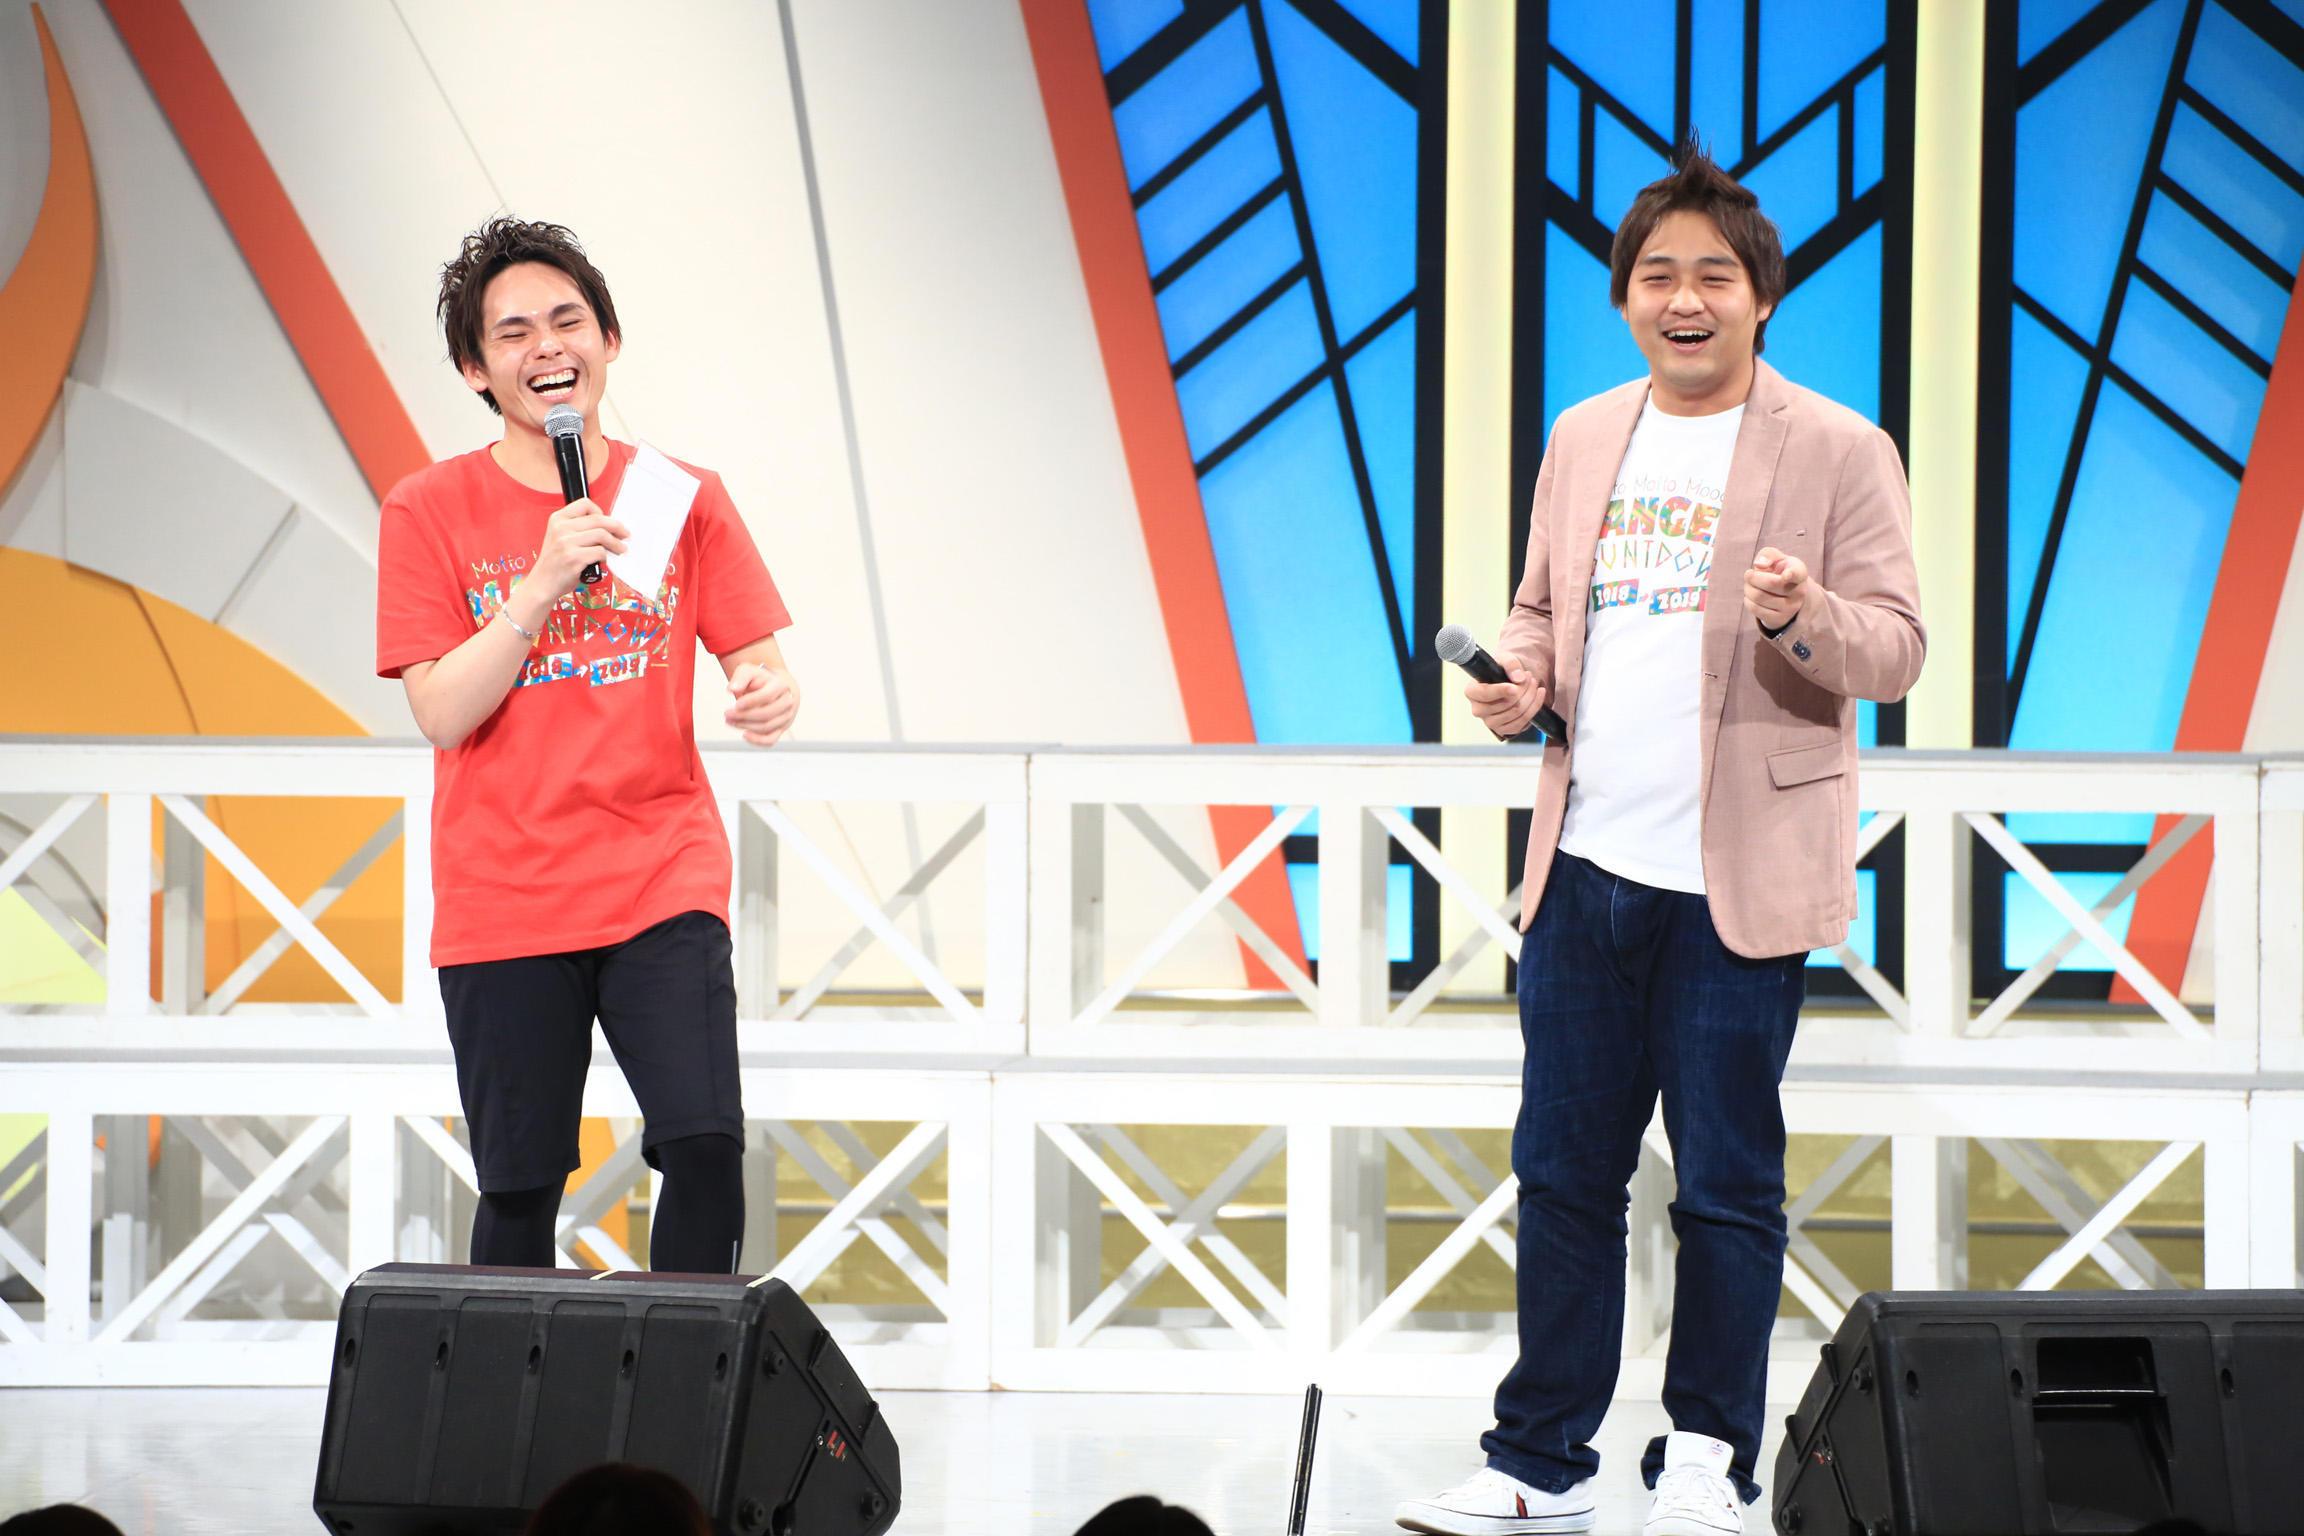 http://news.yoshimoto.co.jp/20190101110407-ba4f9df6c8b6cf8d1f665a9616ce4822d2e1b74f.jpg